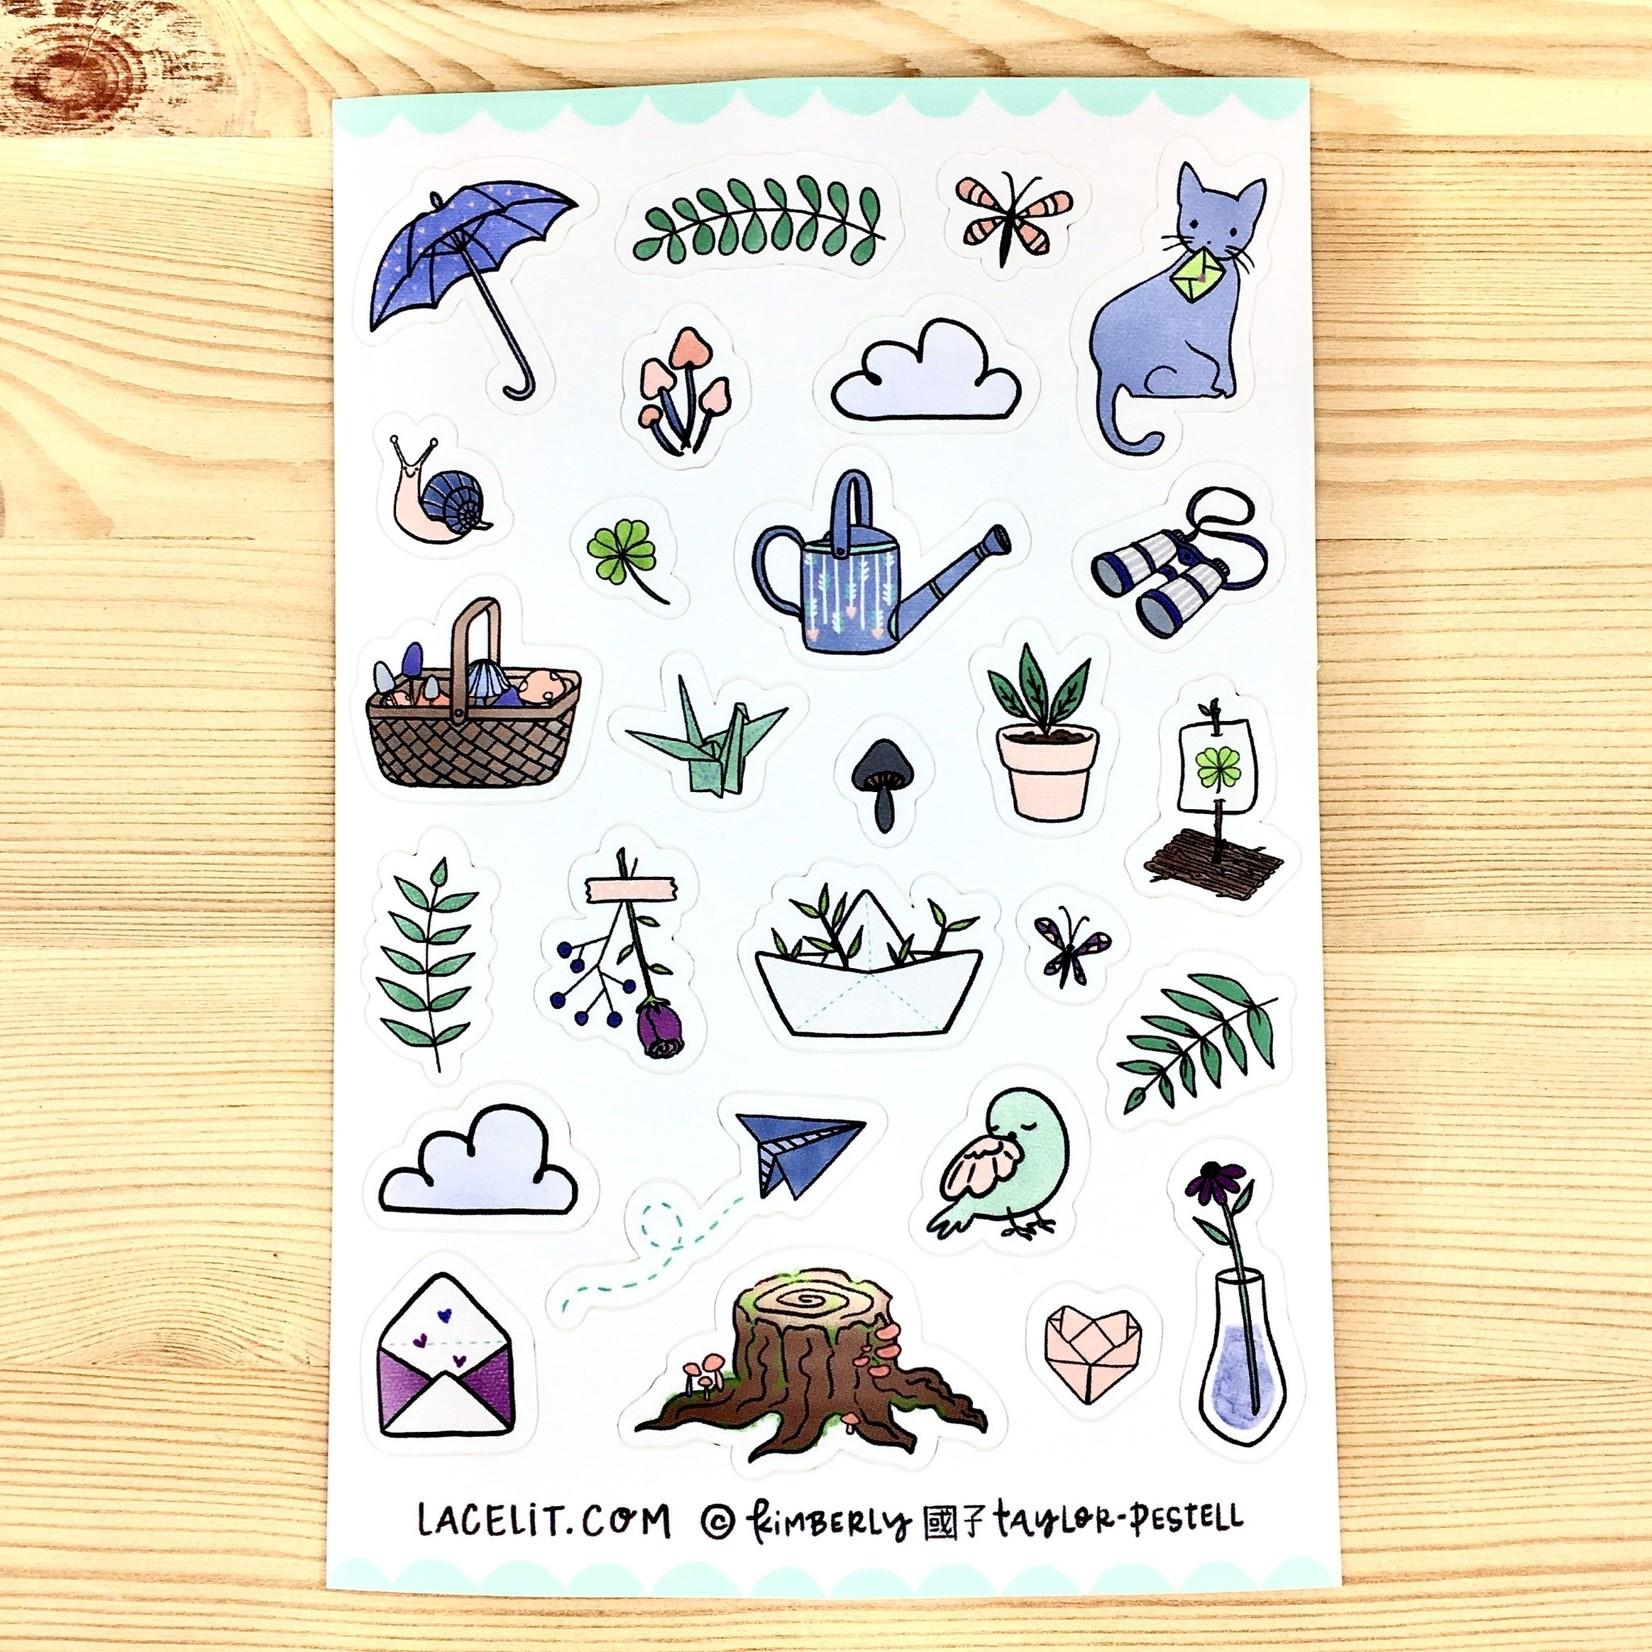 Lacelit Little Day Planner Sticker Sheet